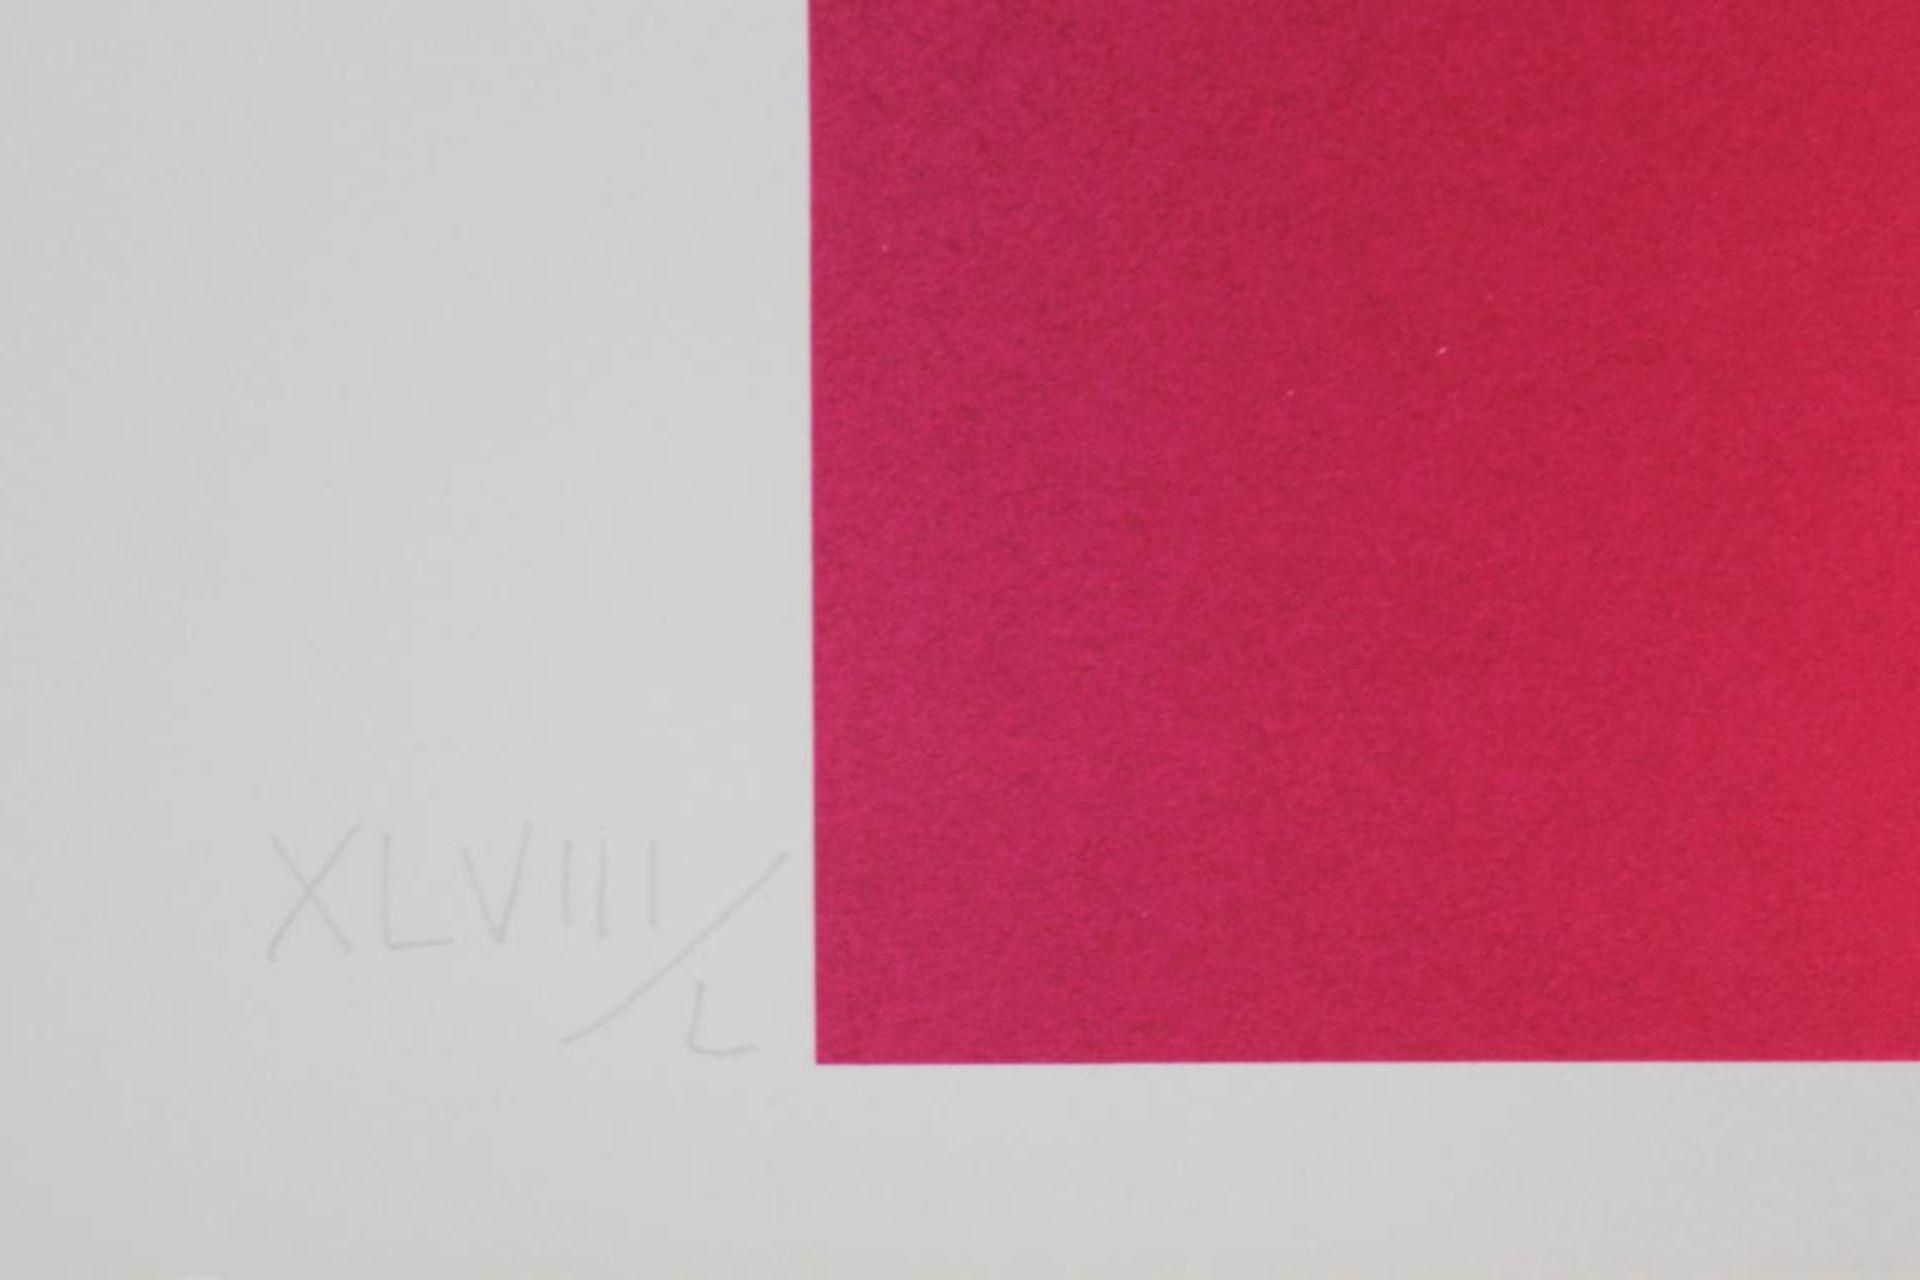 Los 1 - Alviani Getulio (1939-2018) Ohne Titel Farbsiebdruck handsigniert und nummeriert XLVIII/L 71 x 100